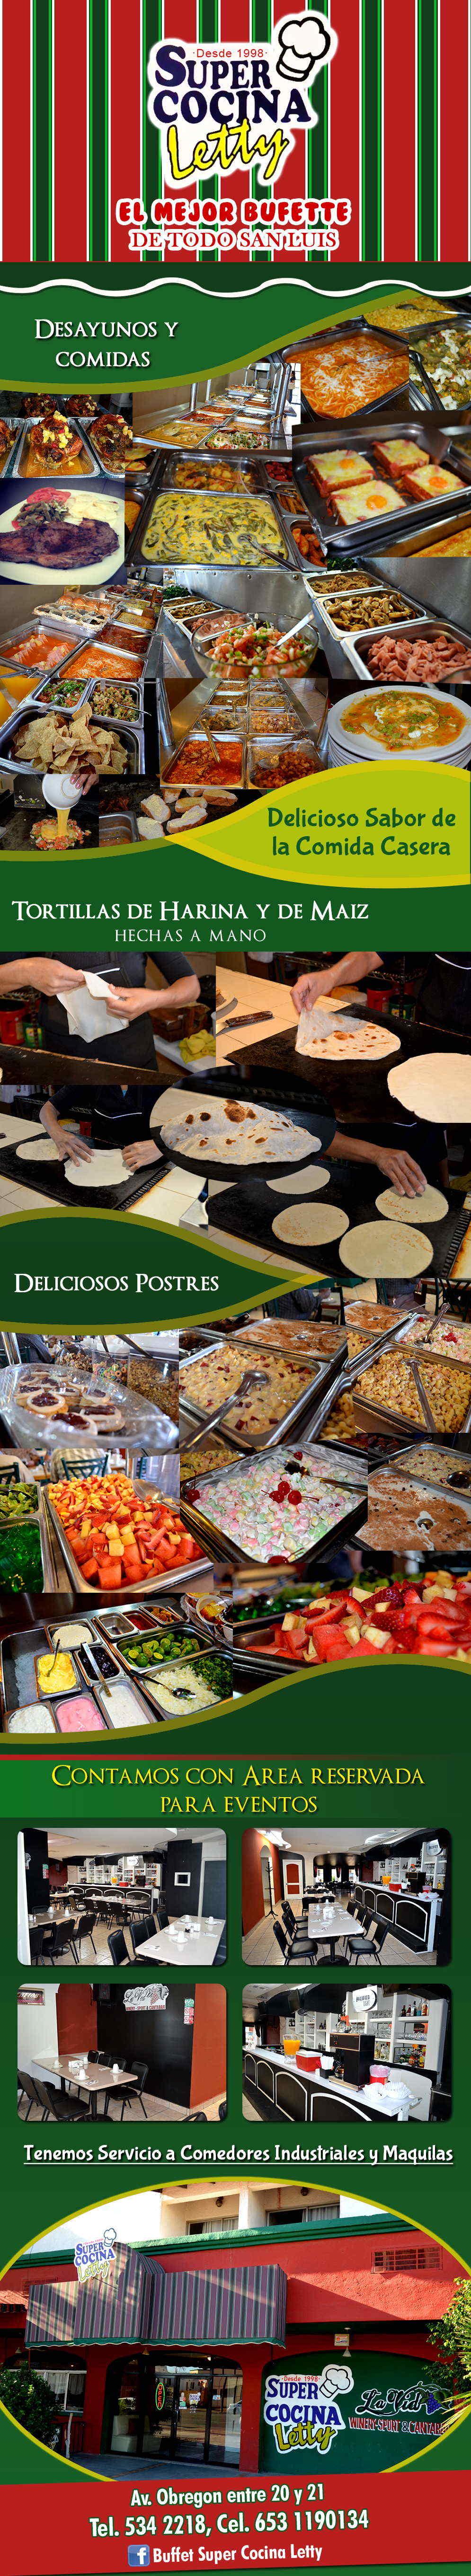 Super cocina letty en san luis rio colorado anunciado por for Comedor industrial buffet